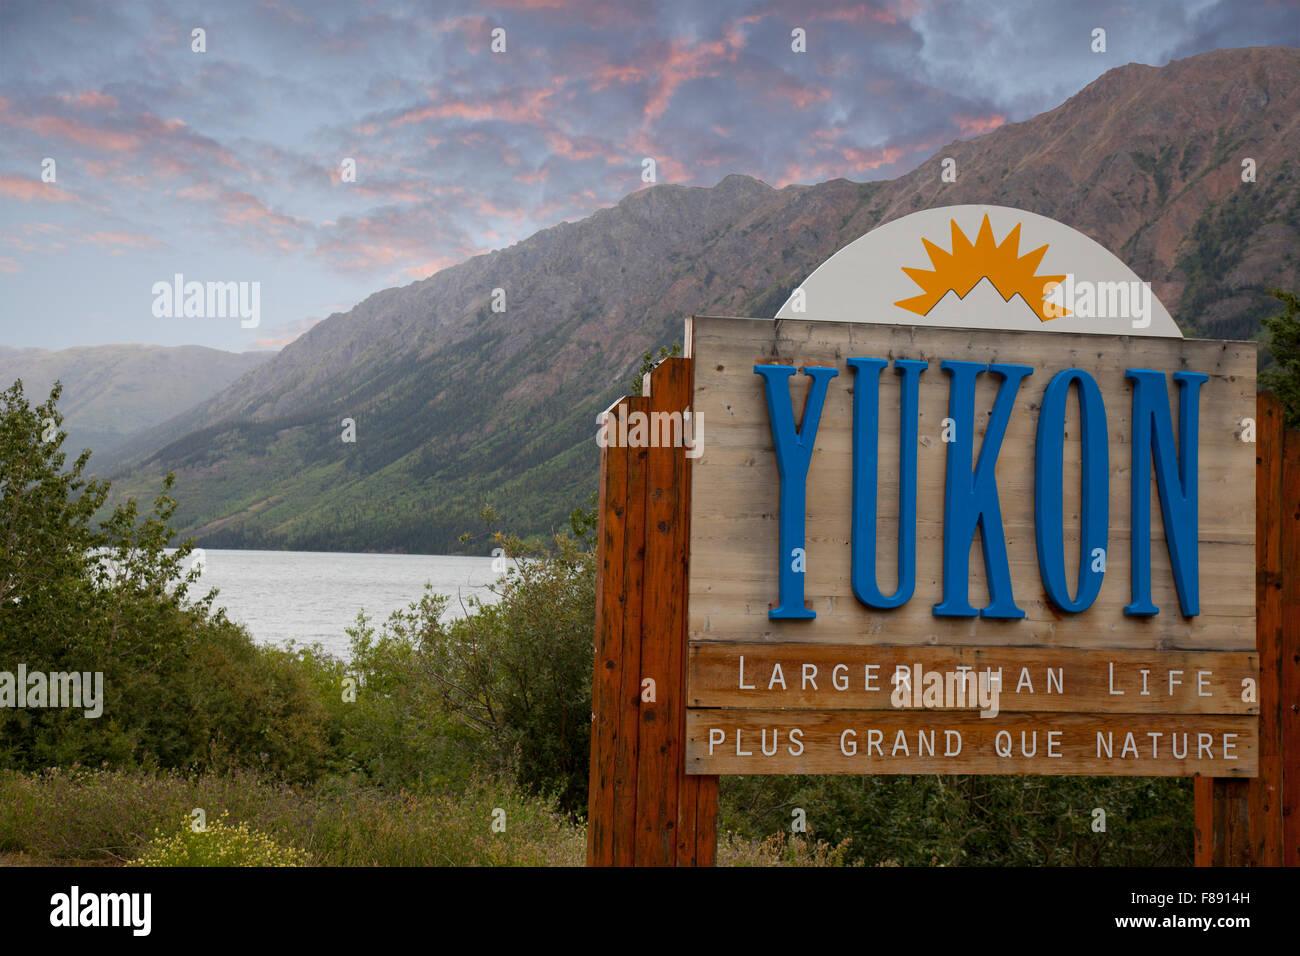 yukon canada border - Stock Image